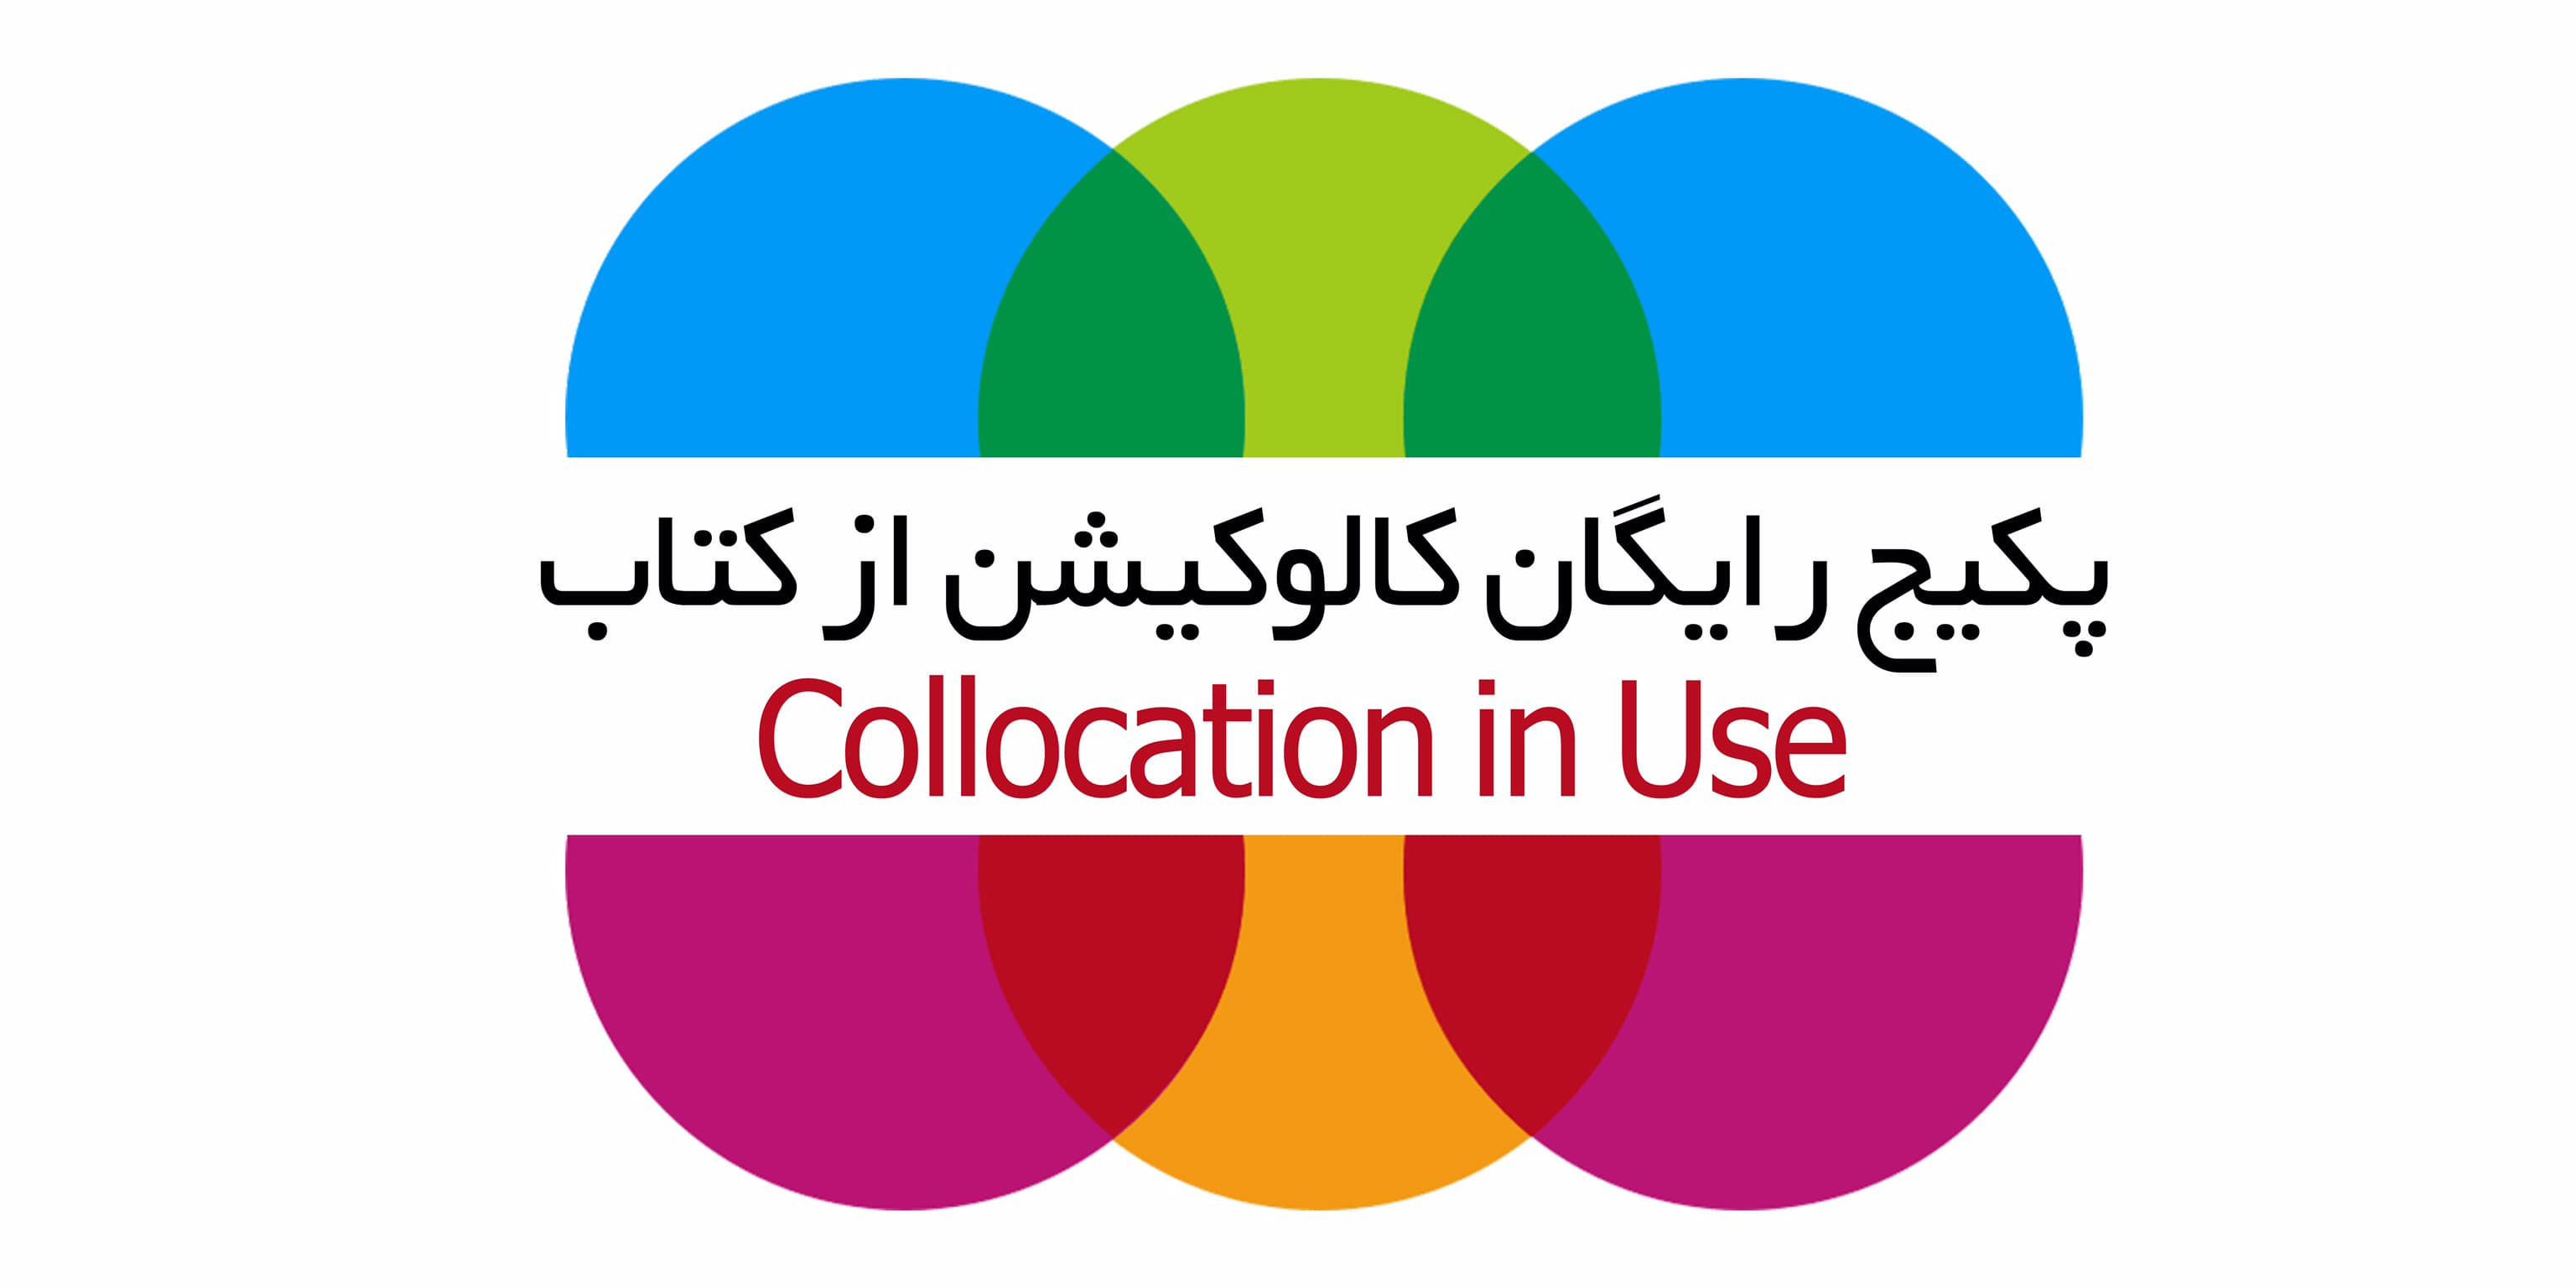 پکیج کالوکیشن collocation in use